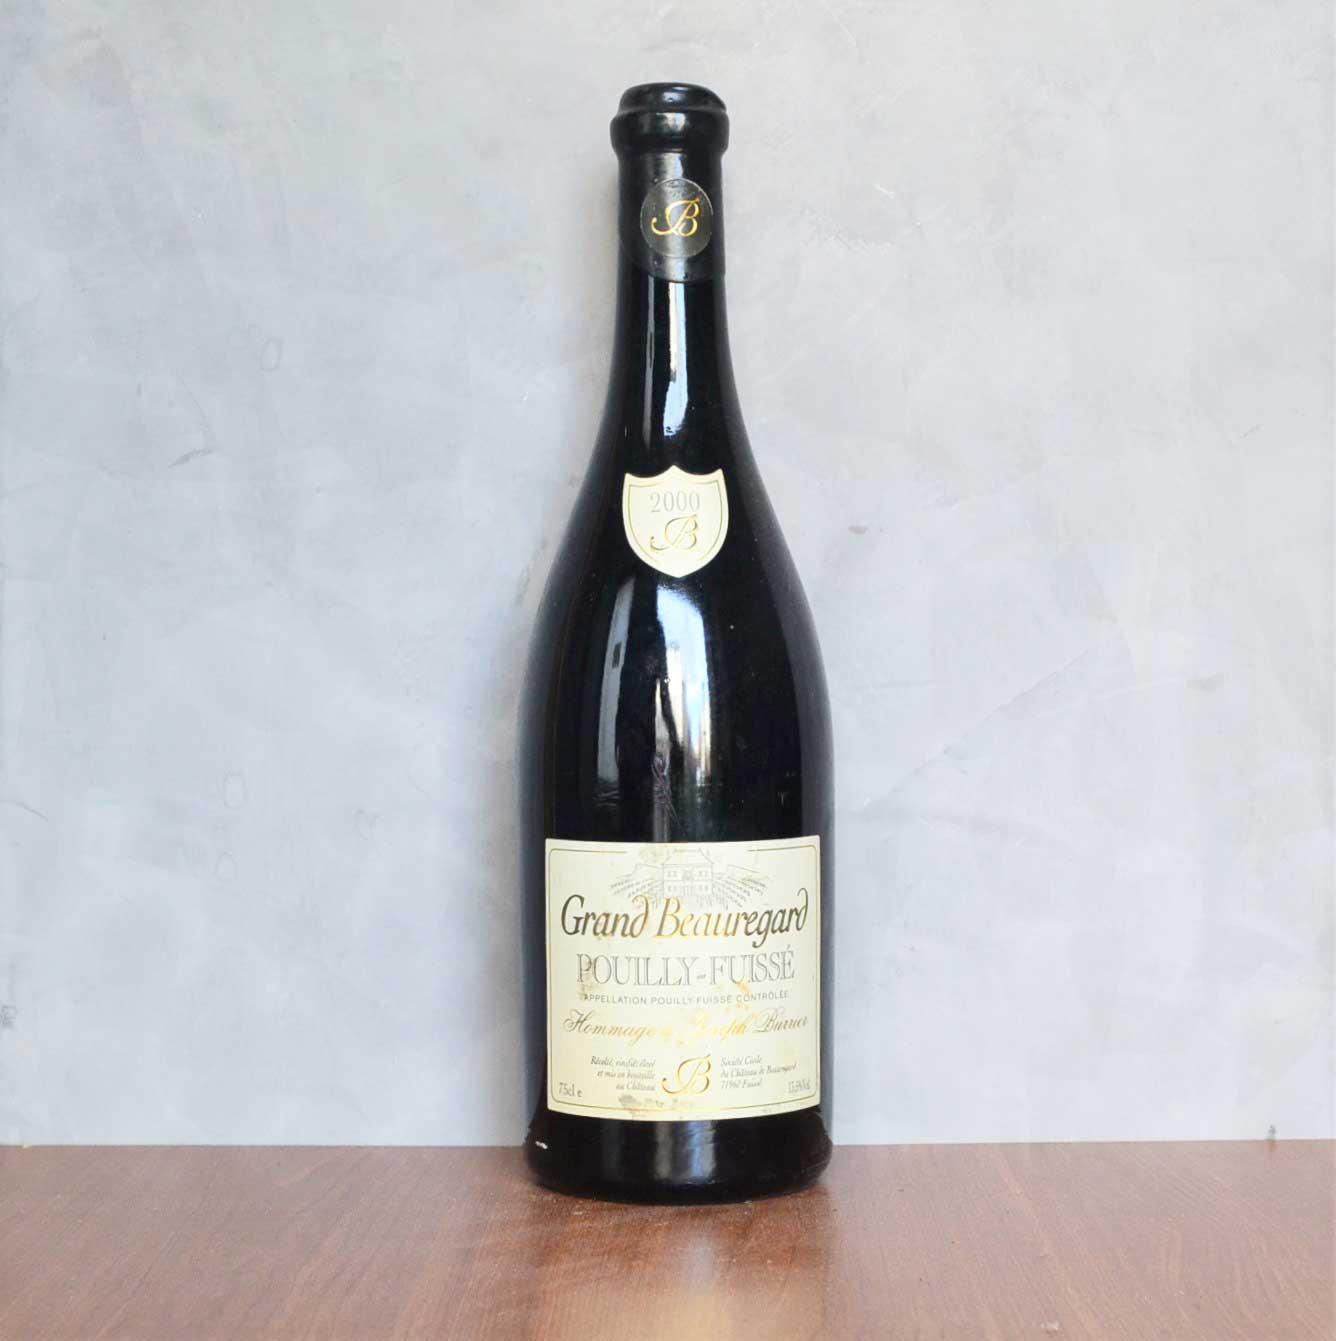 Pouilly Fuissé Grand Beauregard 2000